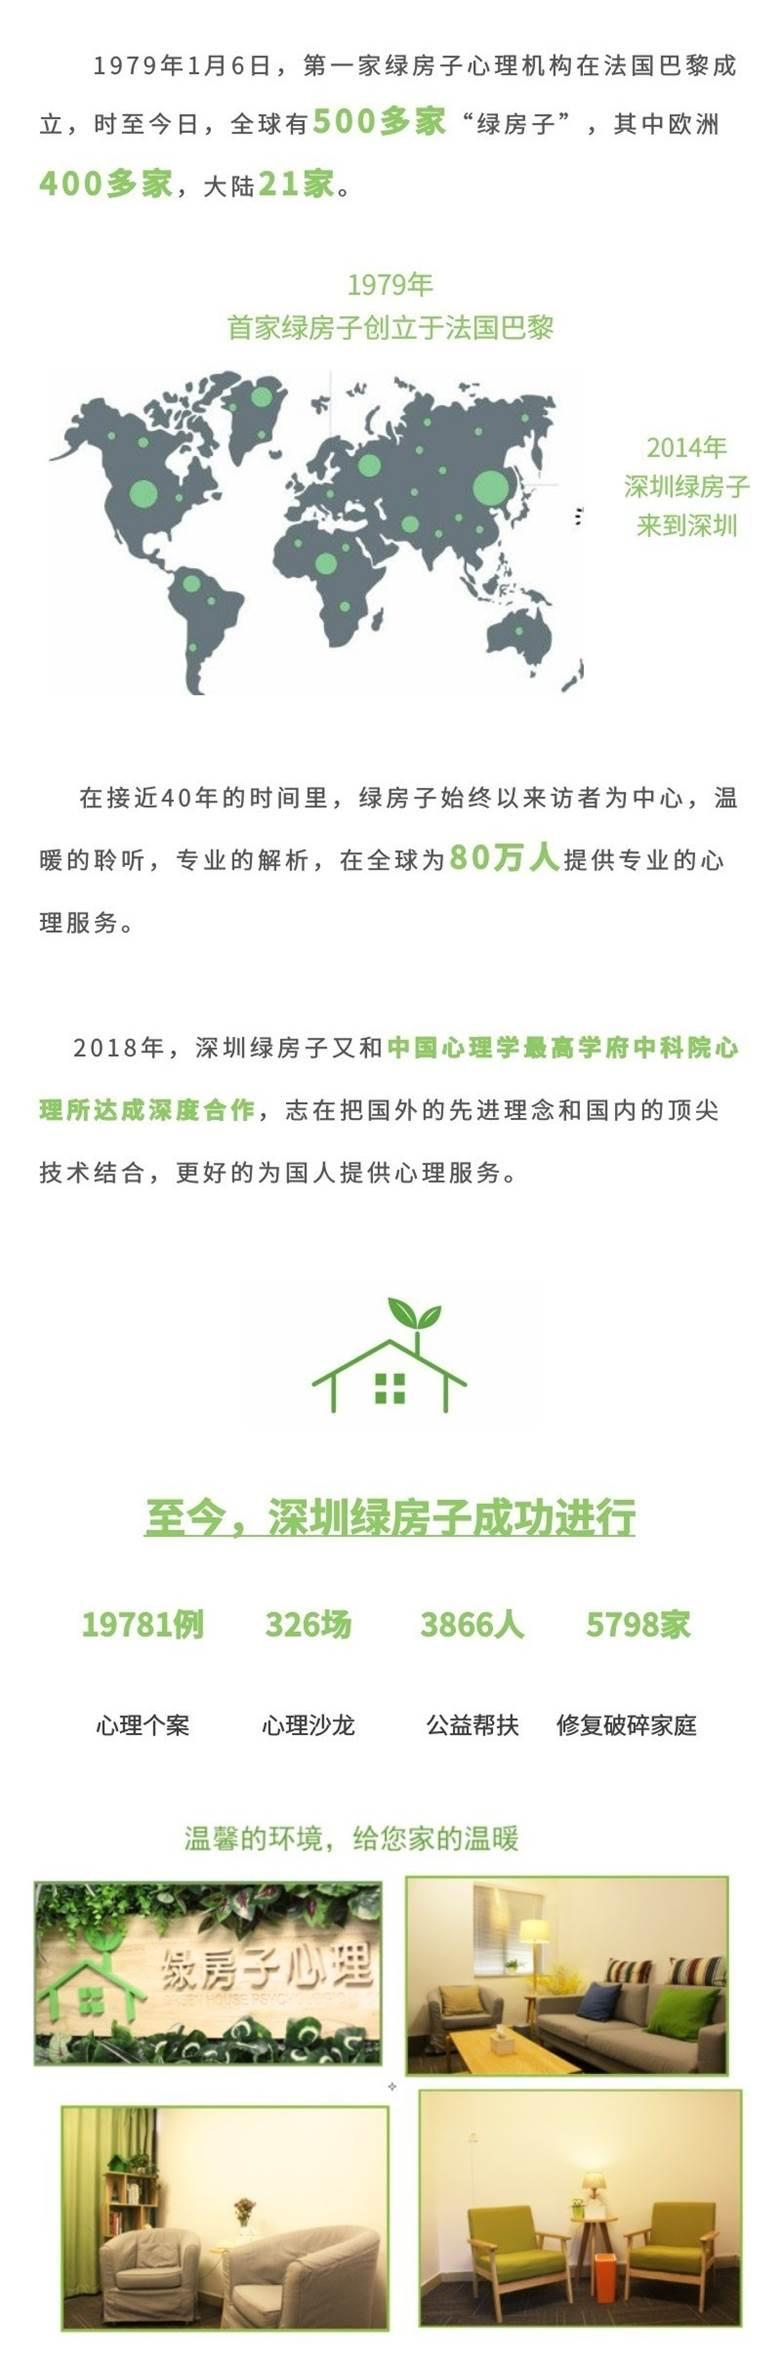 绿房子介绍—海报_WPS图片.jpg